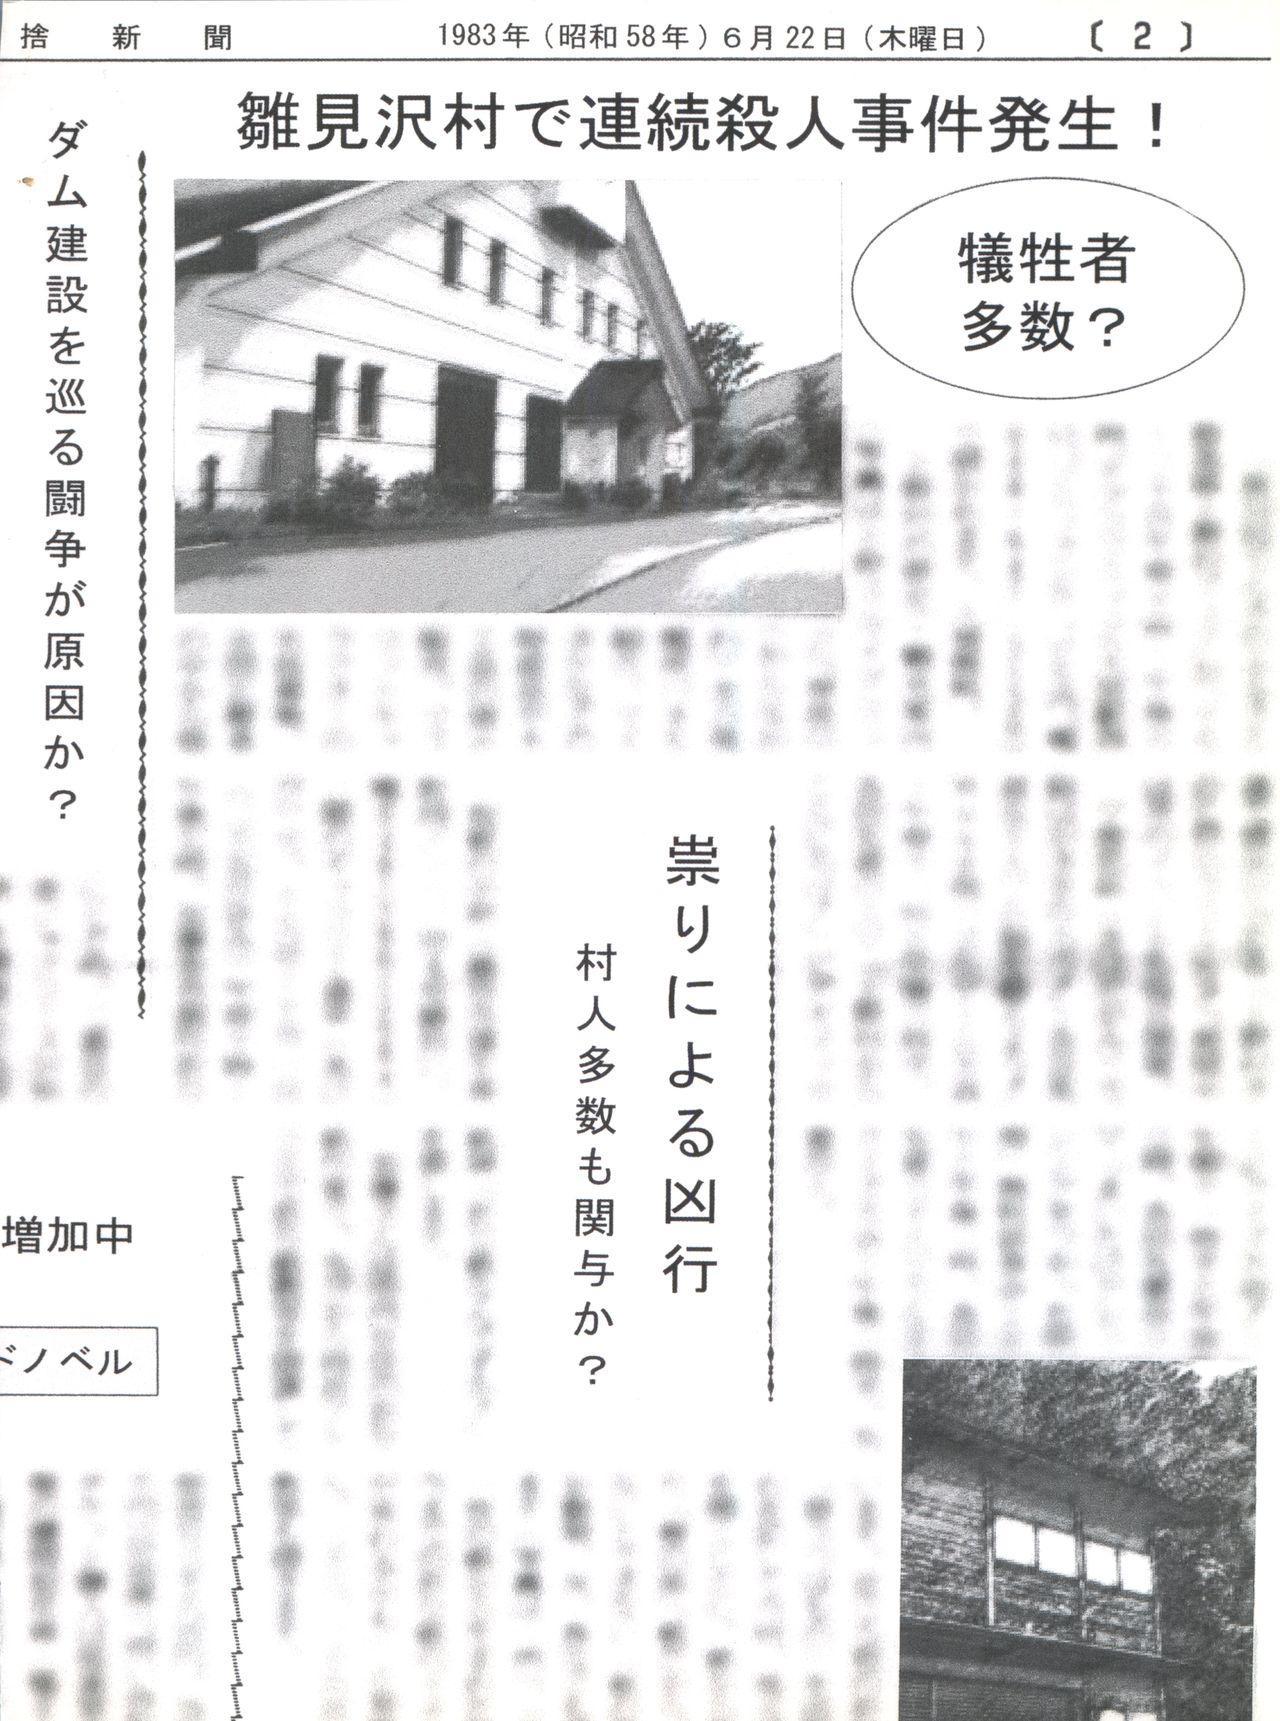 Higurashi no Naku ya ni 23